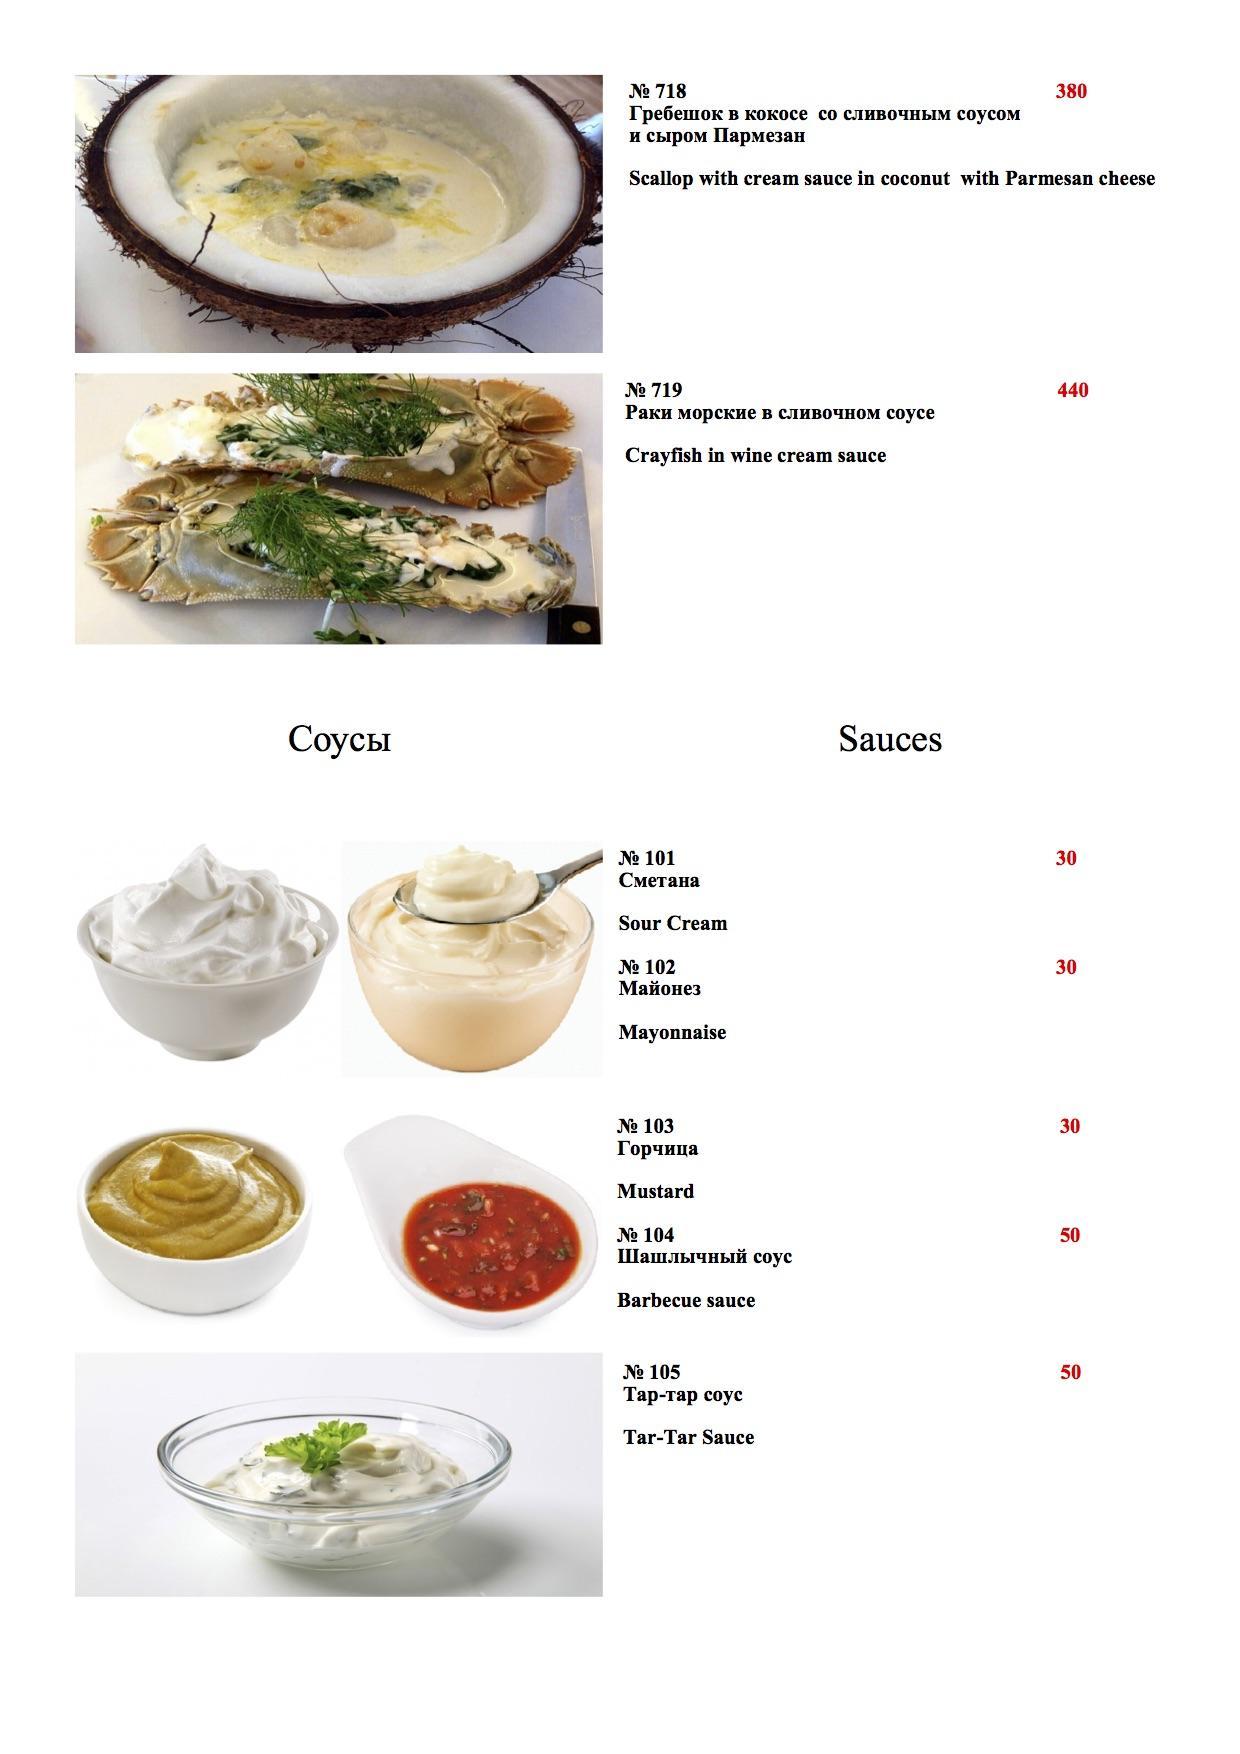 Доставка еды на Пхукете - Морепродукты, Соусы